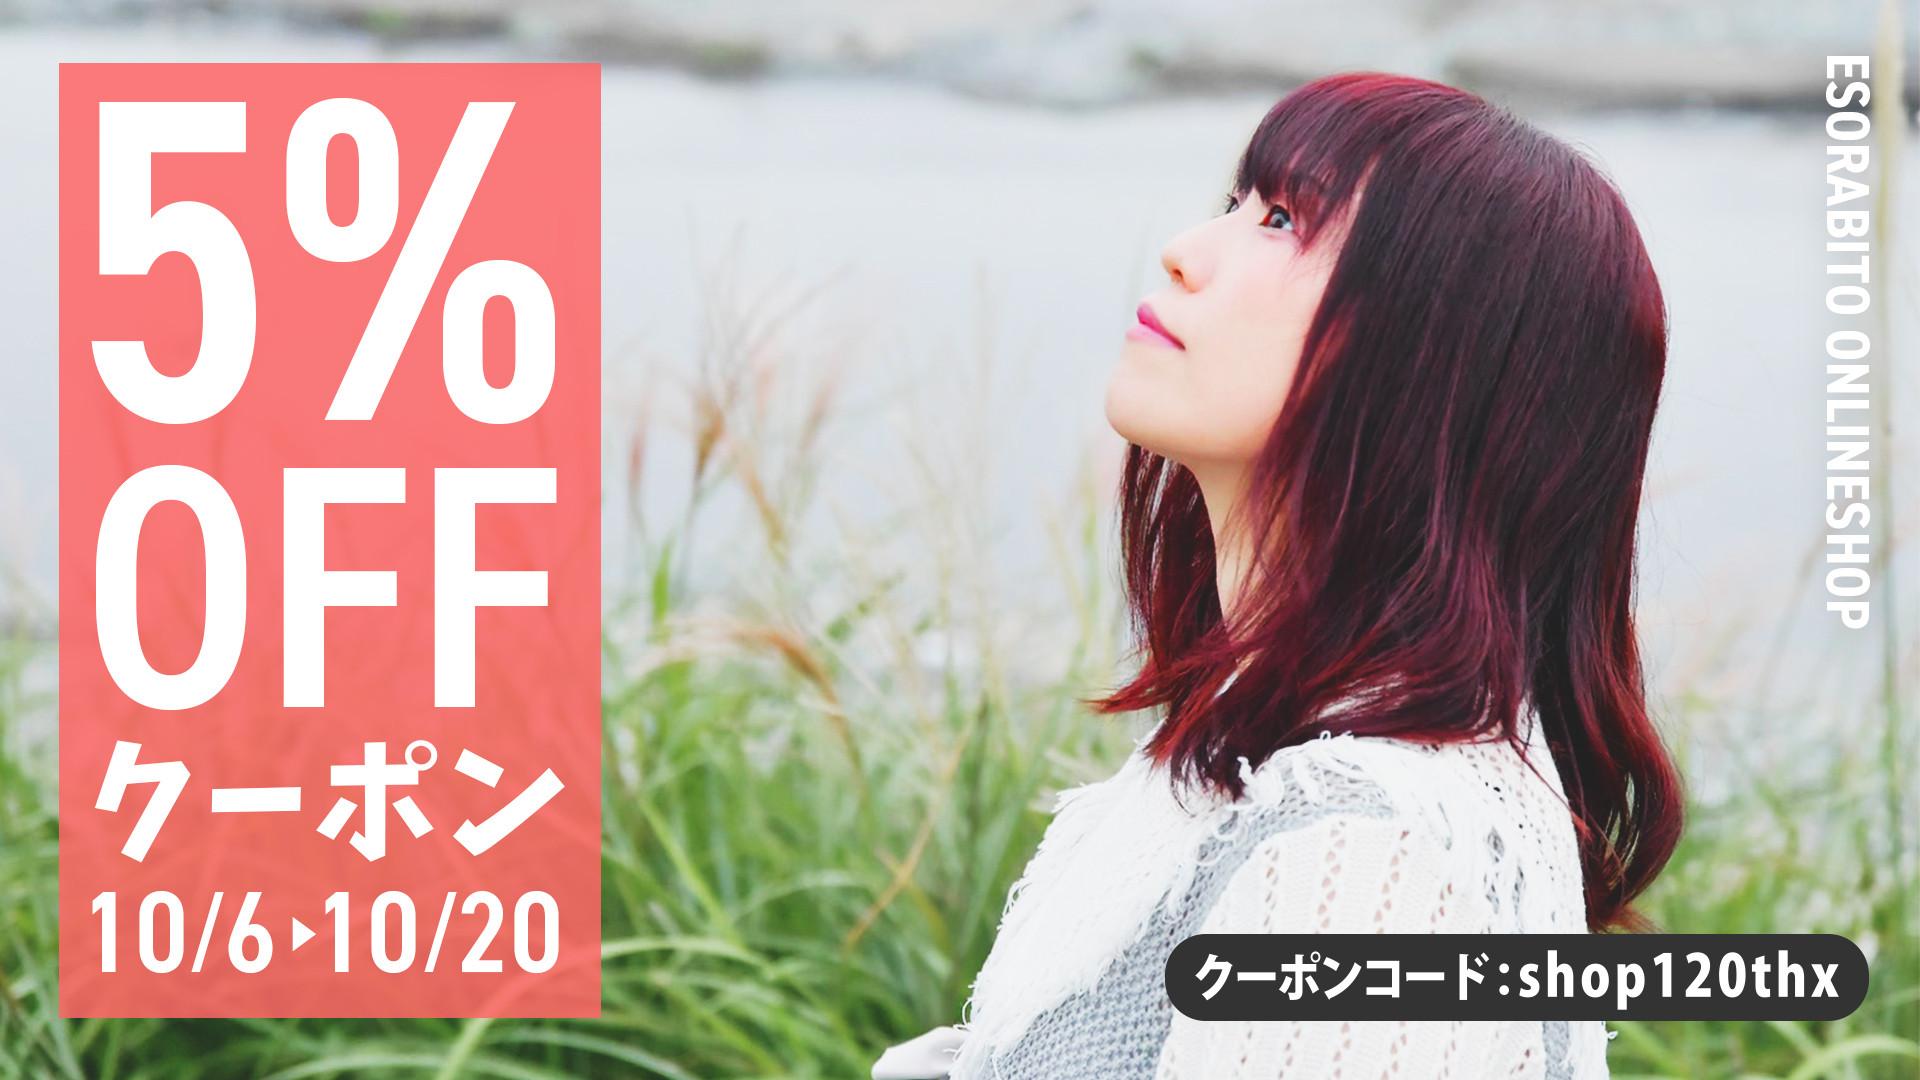 【期間限定】5%OFFクーポン配布中!〜10/20(火)まで